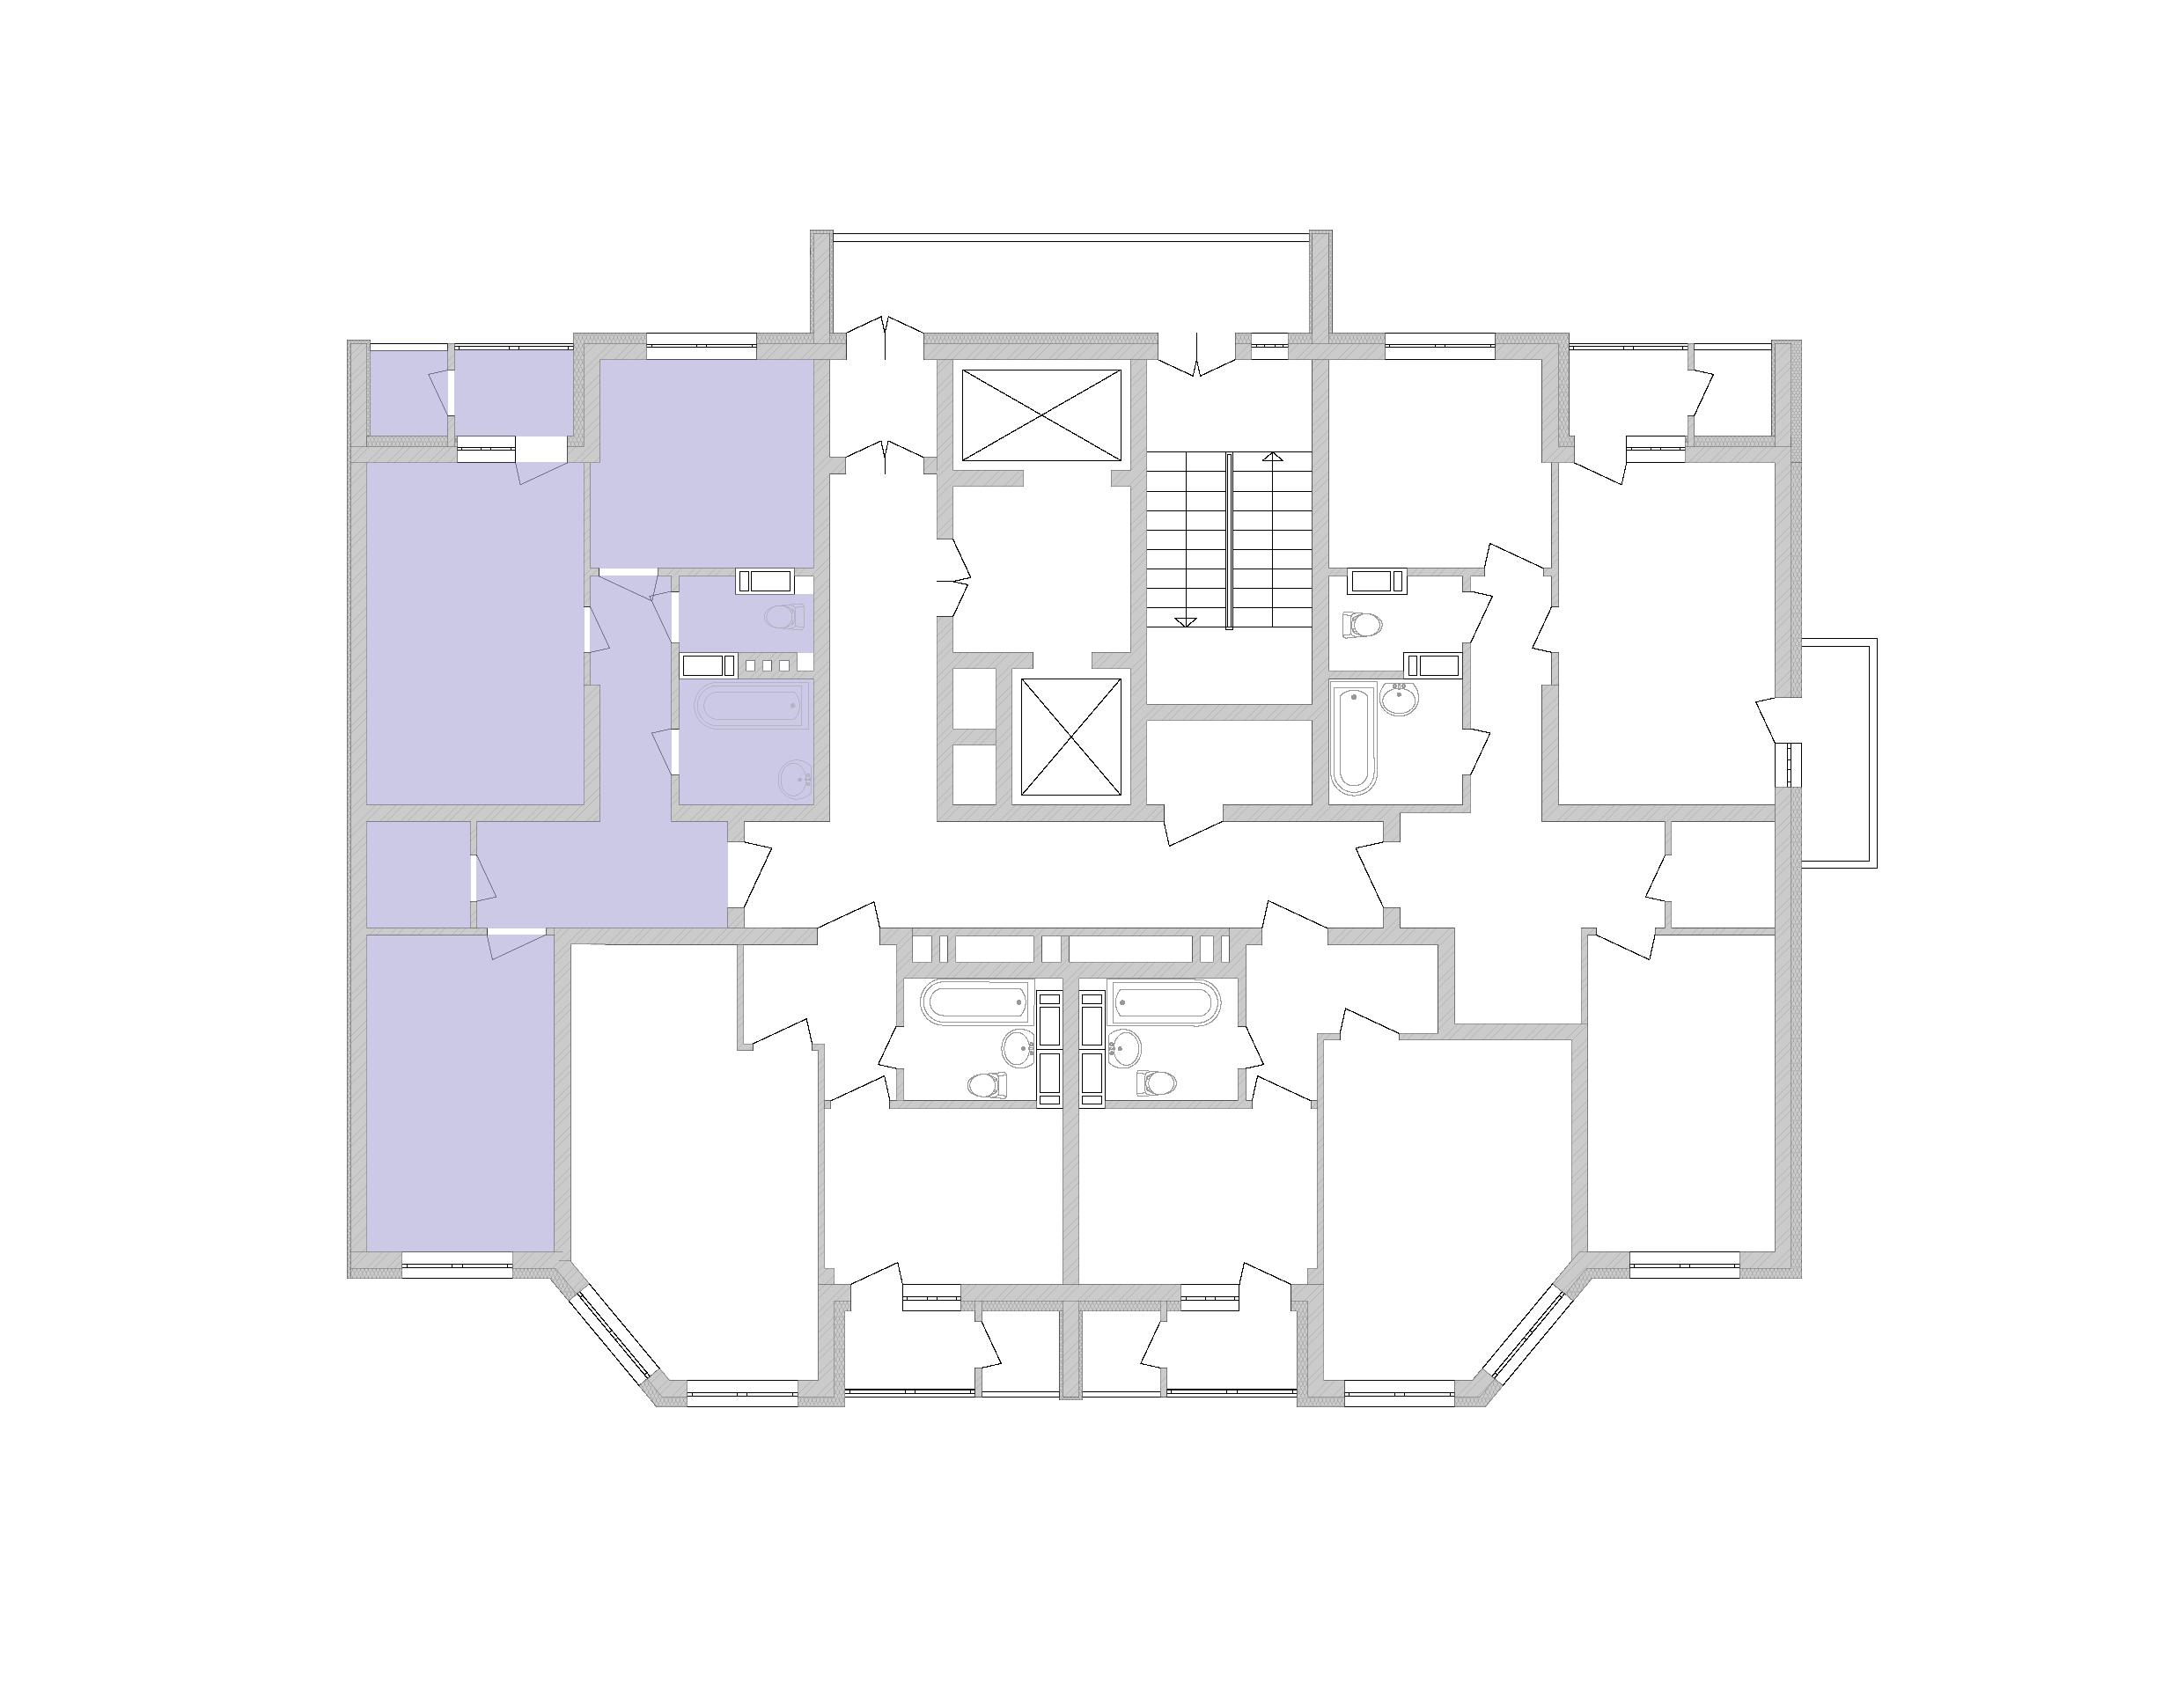 Двухкомнатная квартира 63,35 кв.м., тип 2.2, дом 2, секция 5 расположение на этаже